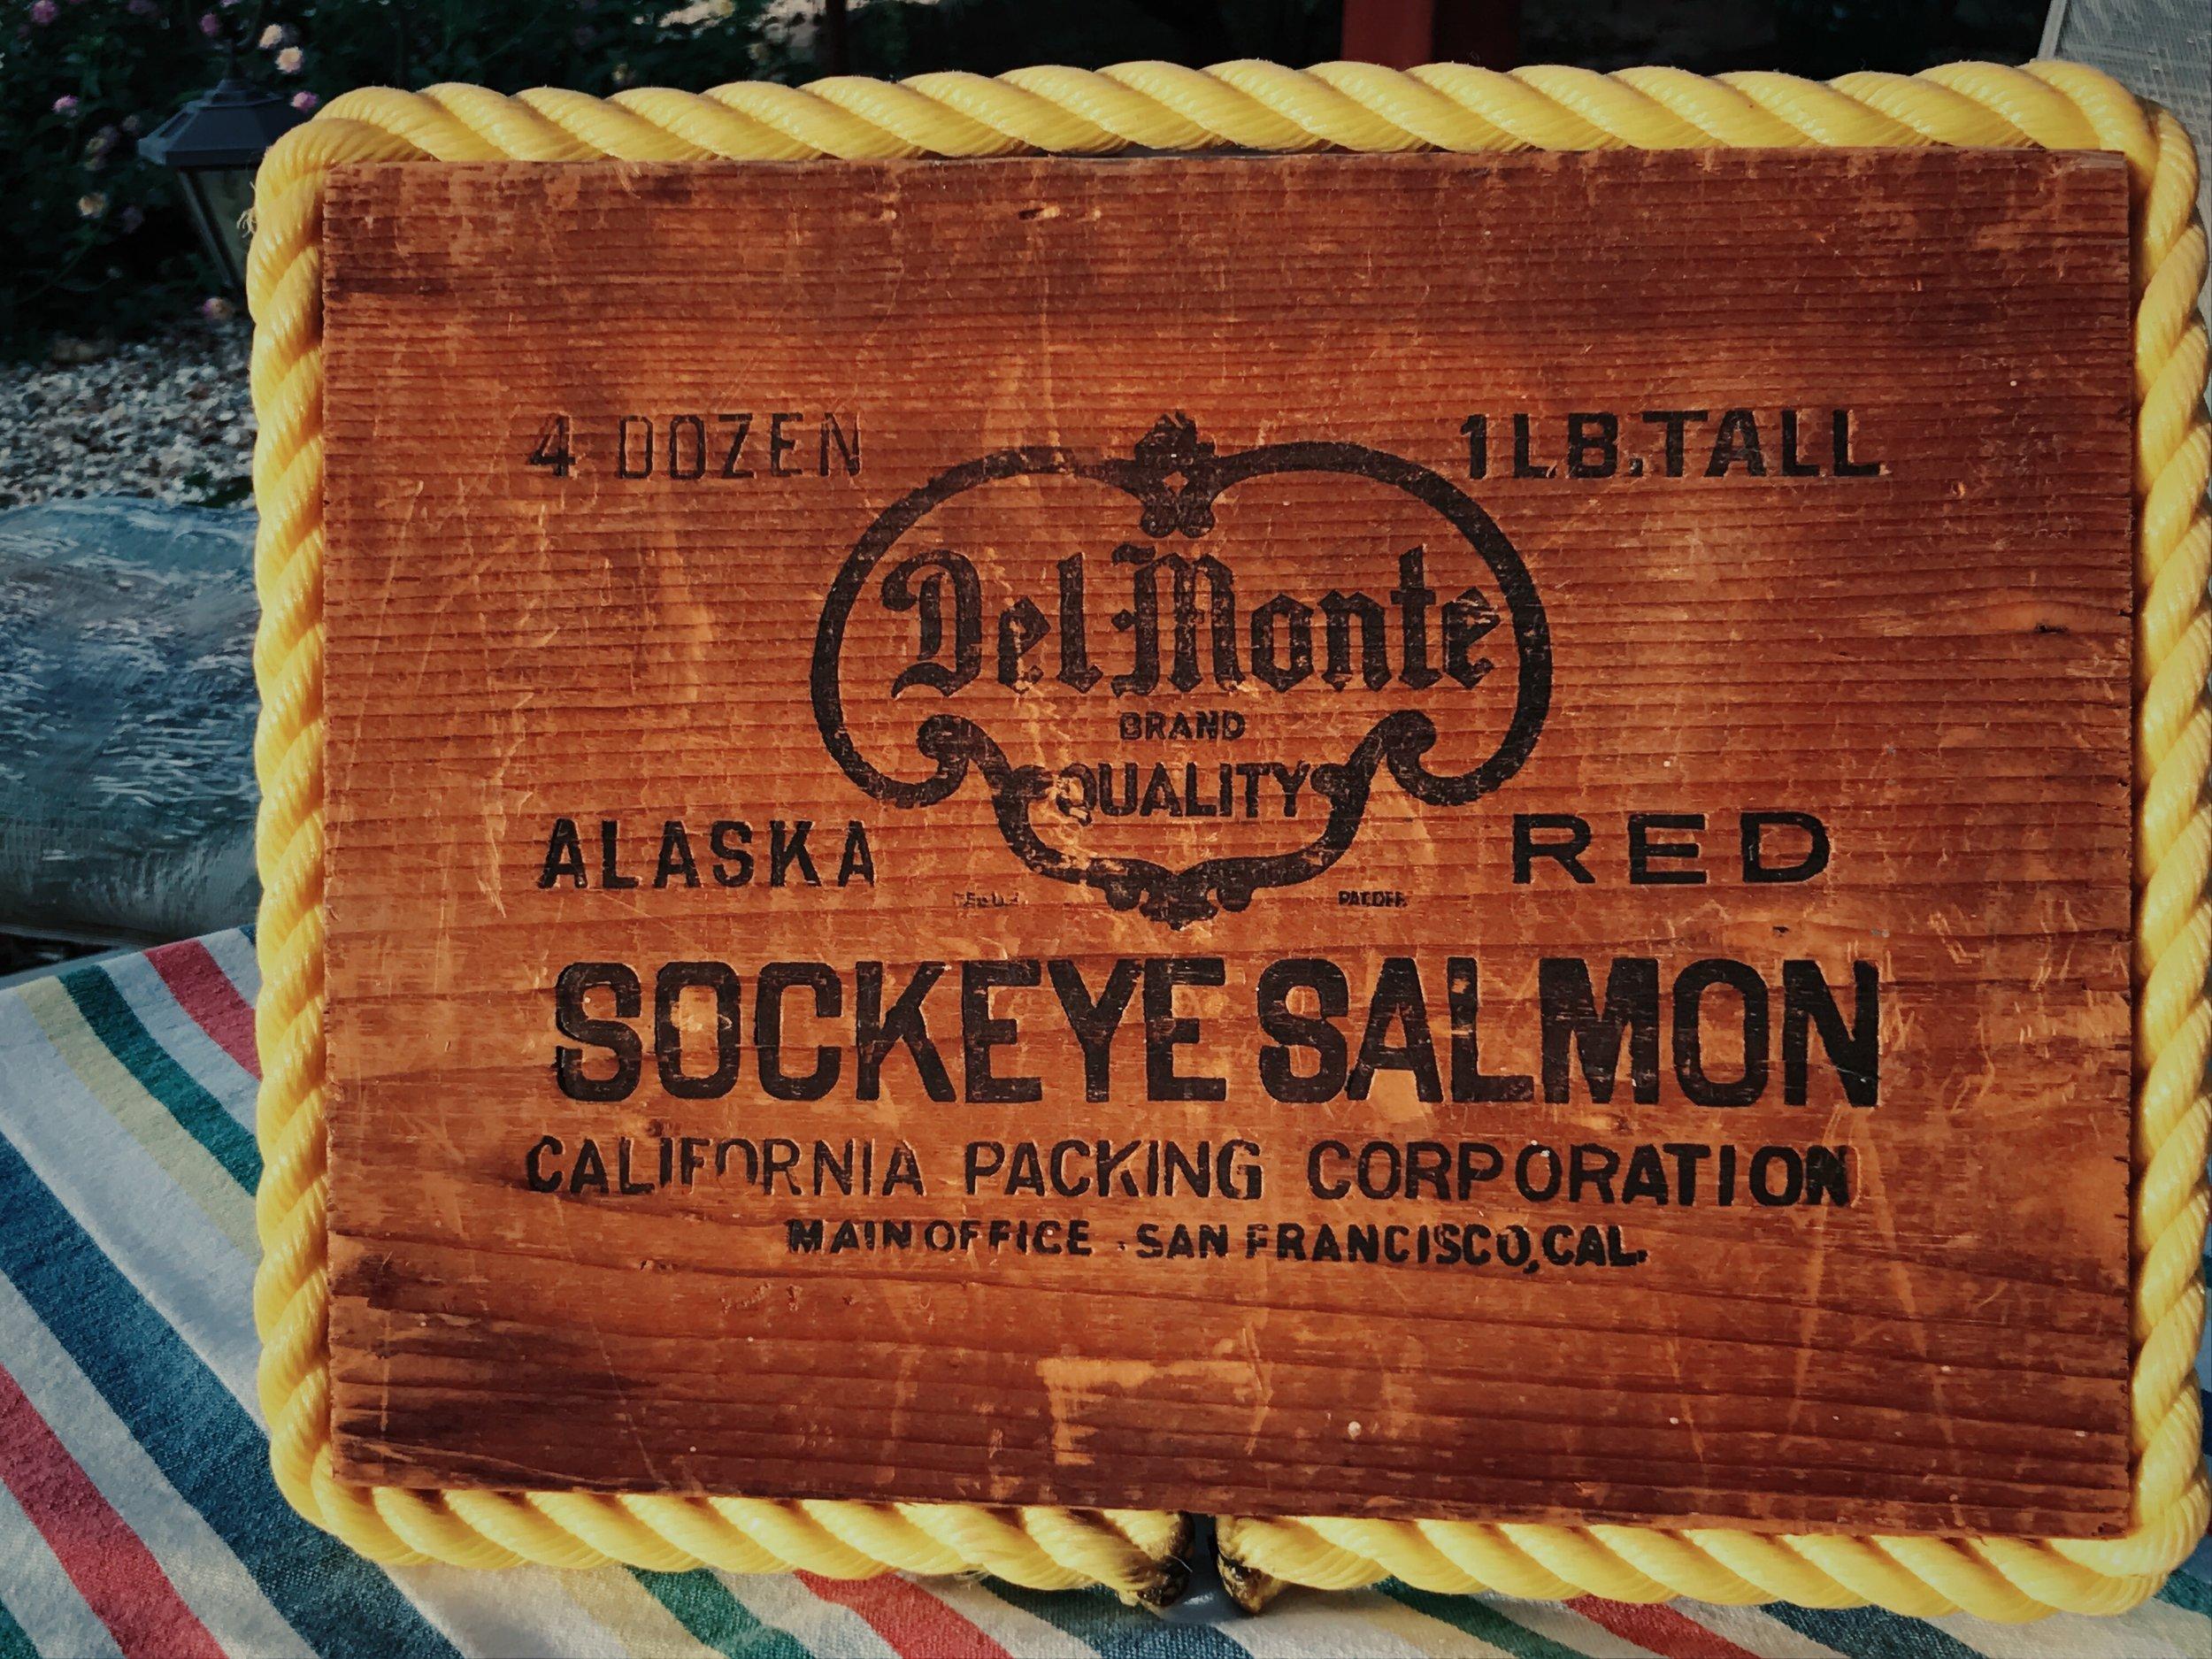 Salmon Box Top